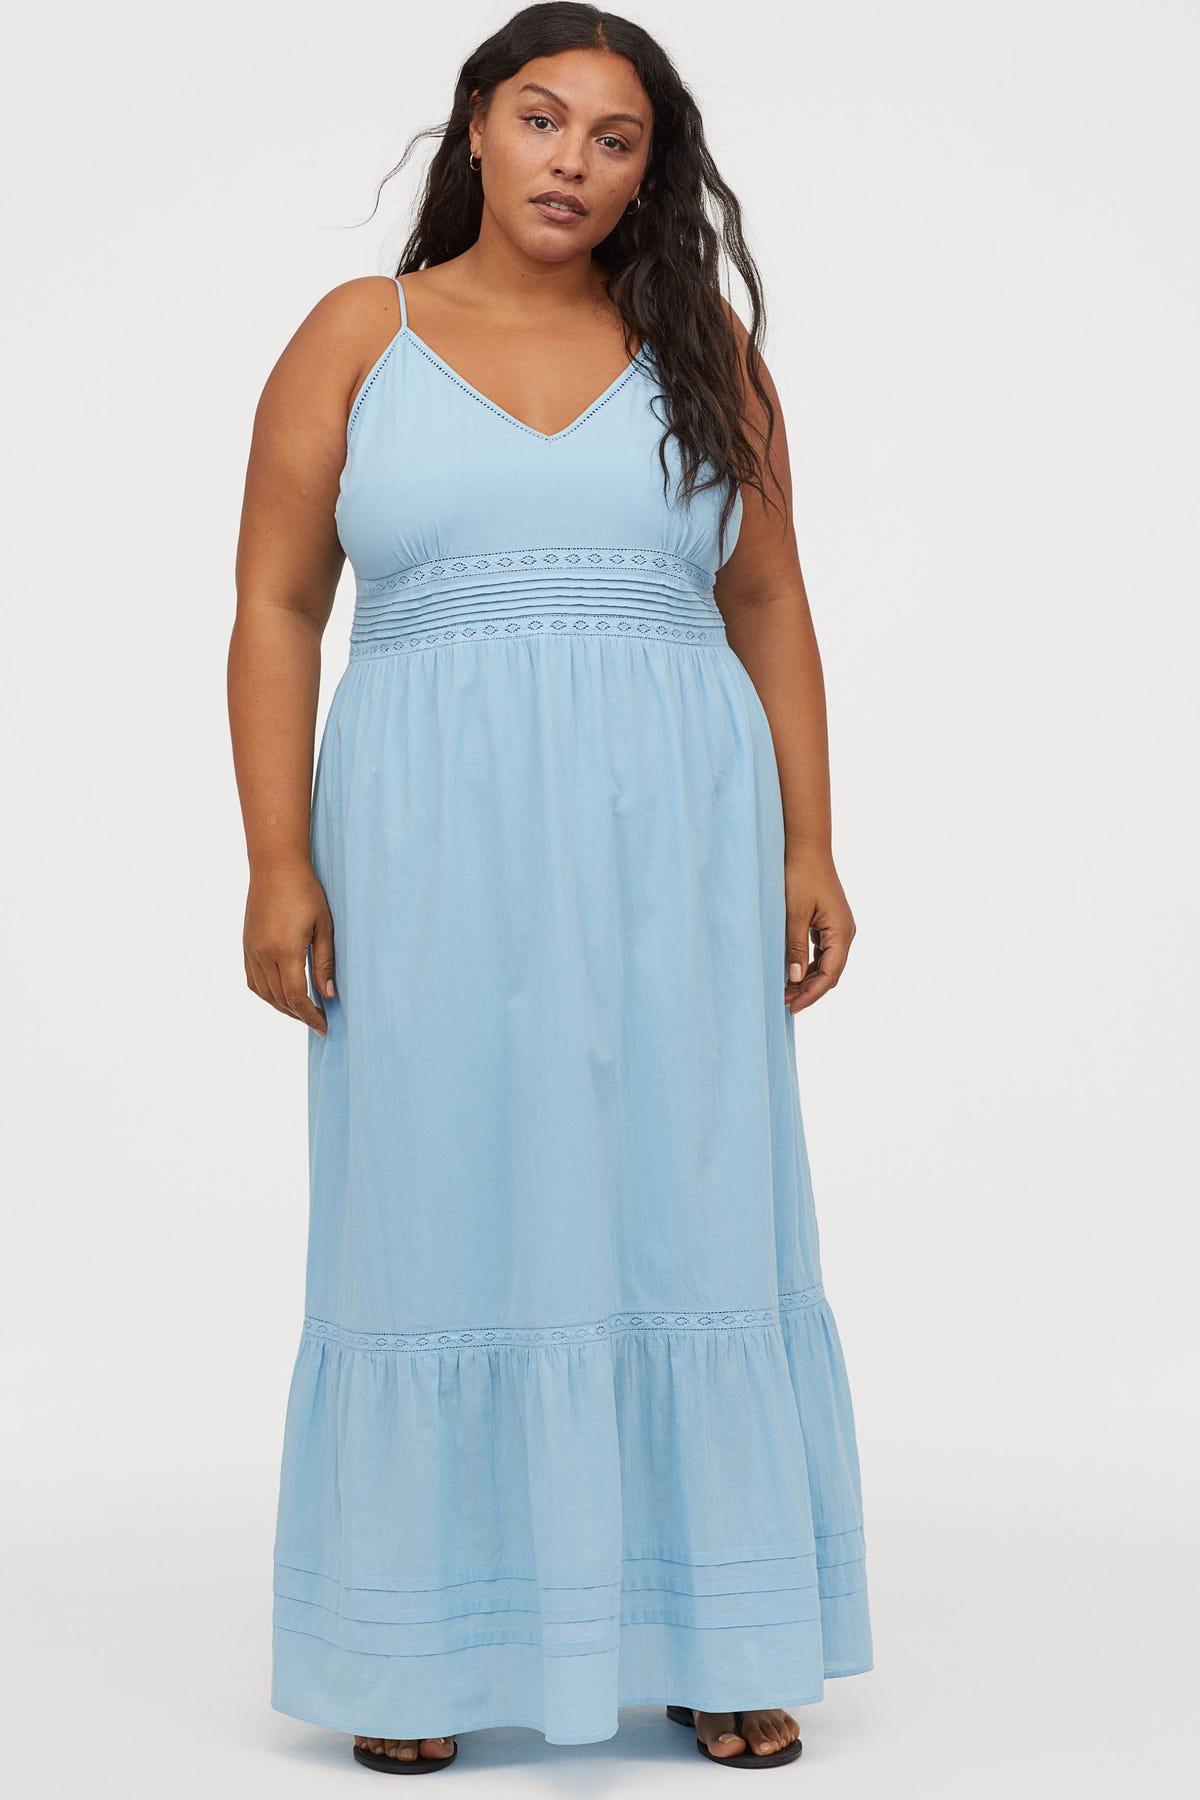 Plus-Size Maxi Dresses - Best Dresses For Summer